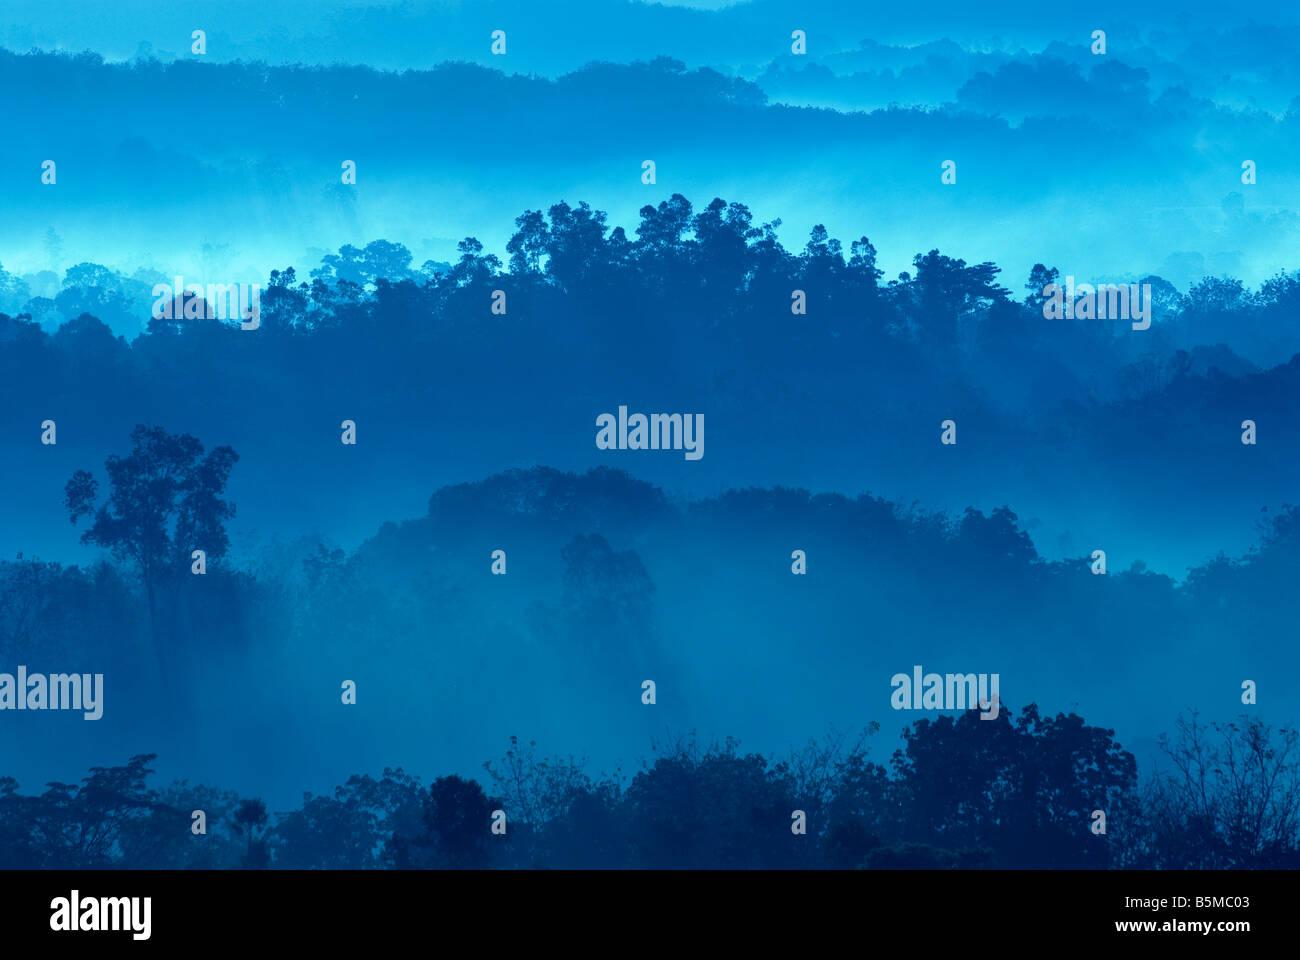 Matin brumeux de zone de collines avec rayon de lumière Photo Stock